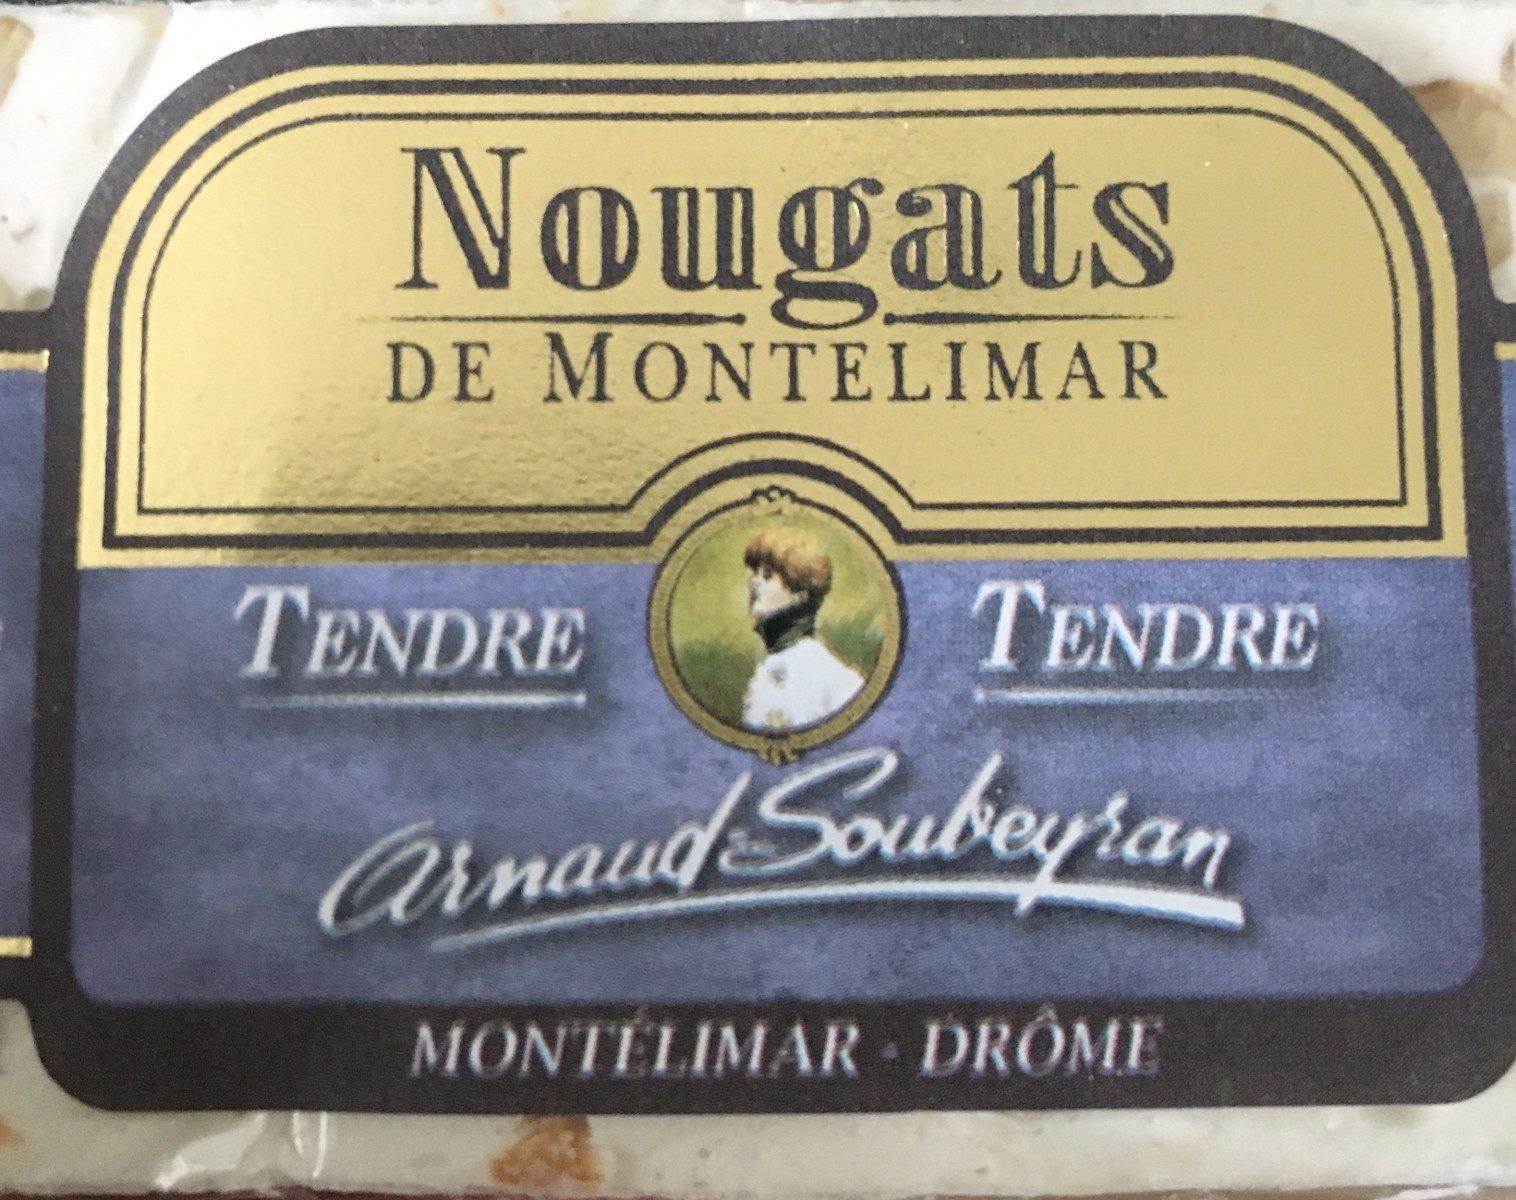 Nougats de montelimar - Produit - fr